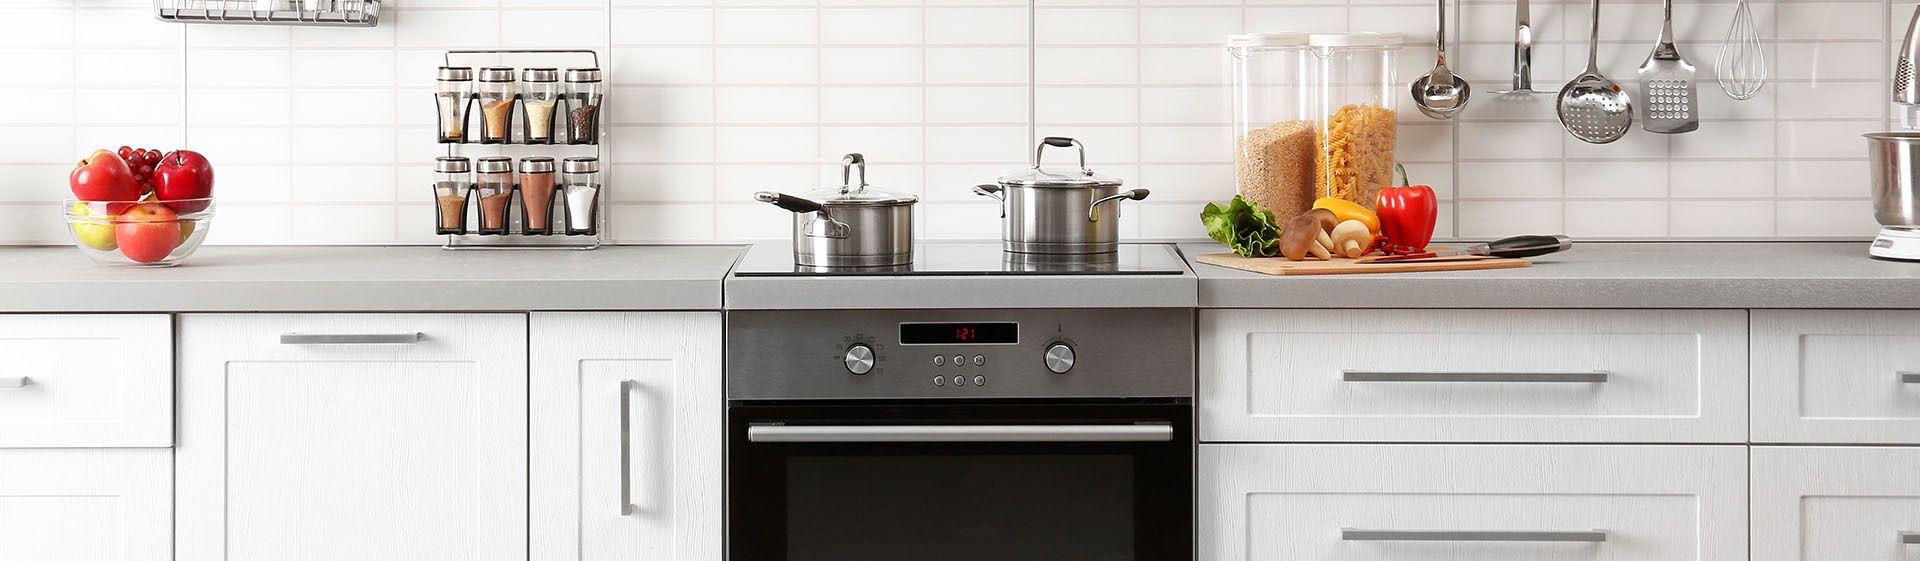 Como escolher um bom fogão?